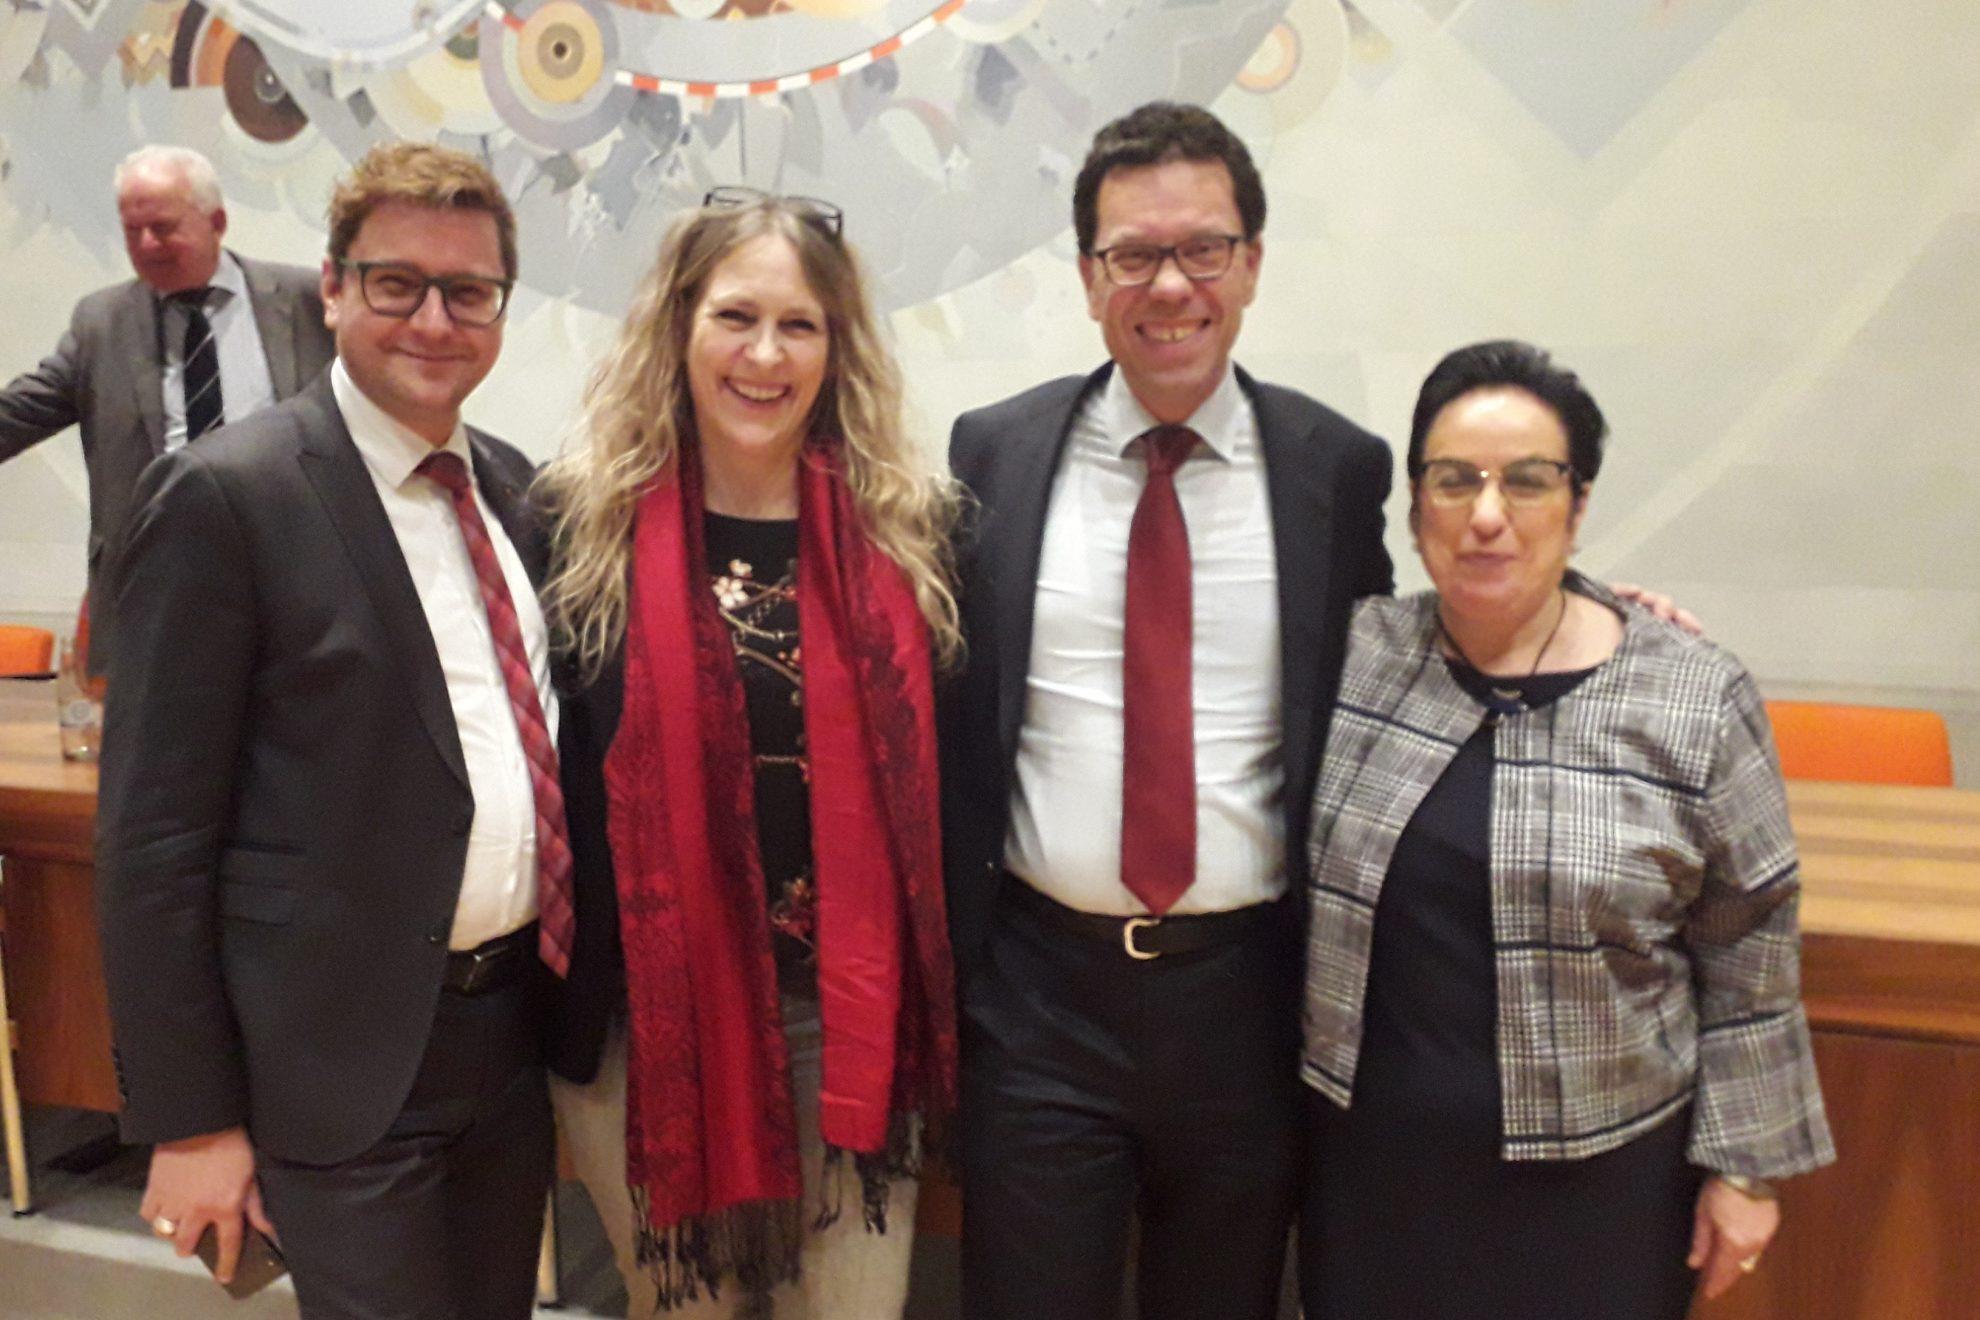 Die neu verpflichteten Kreistagsmitglieder Torsten Rekewitz und Panagiotta Boventer mit Dierk Timm und Dagmar Andres im Kreistag